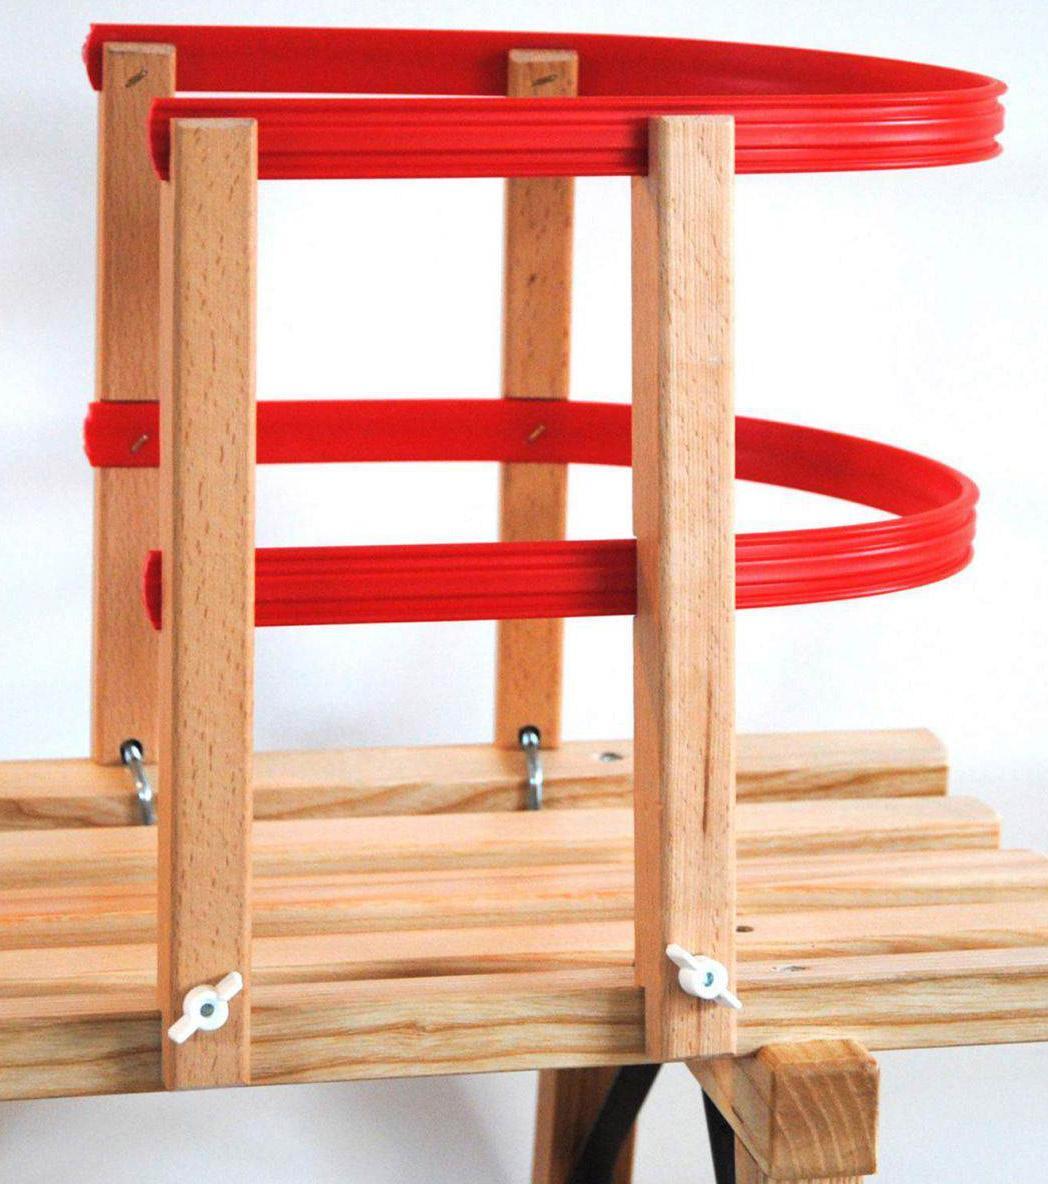 Sirch Kinderlehne Schlitten Holz Kunststoff (Farbe buche esche kunststoff)